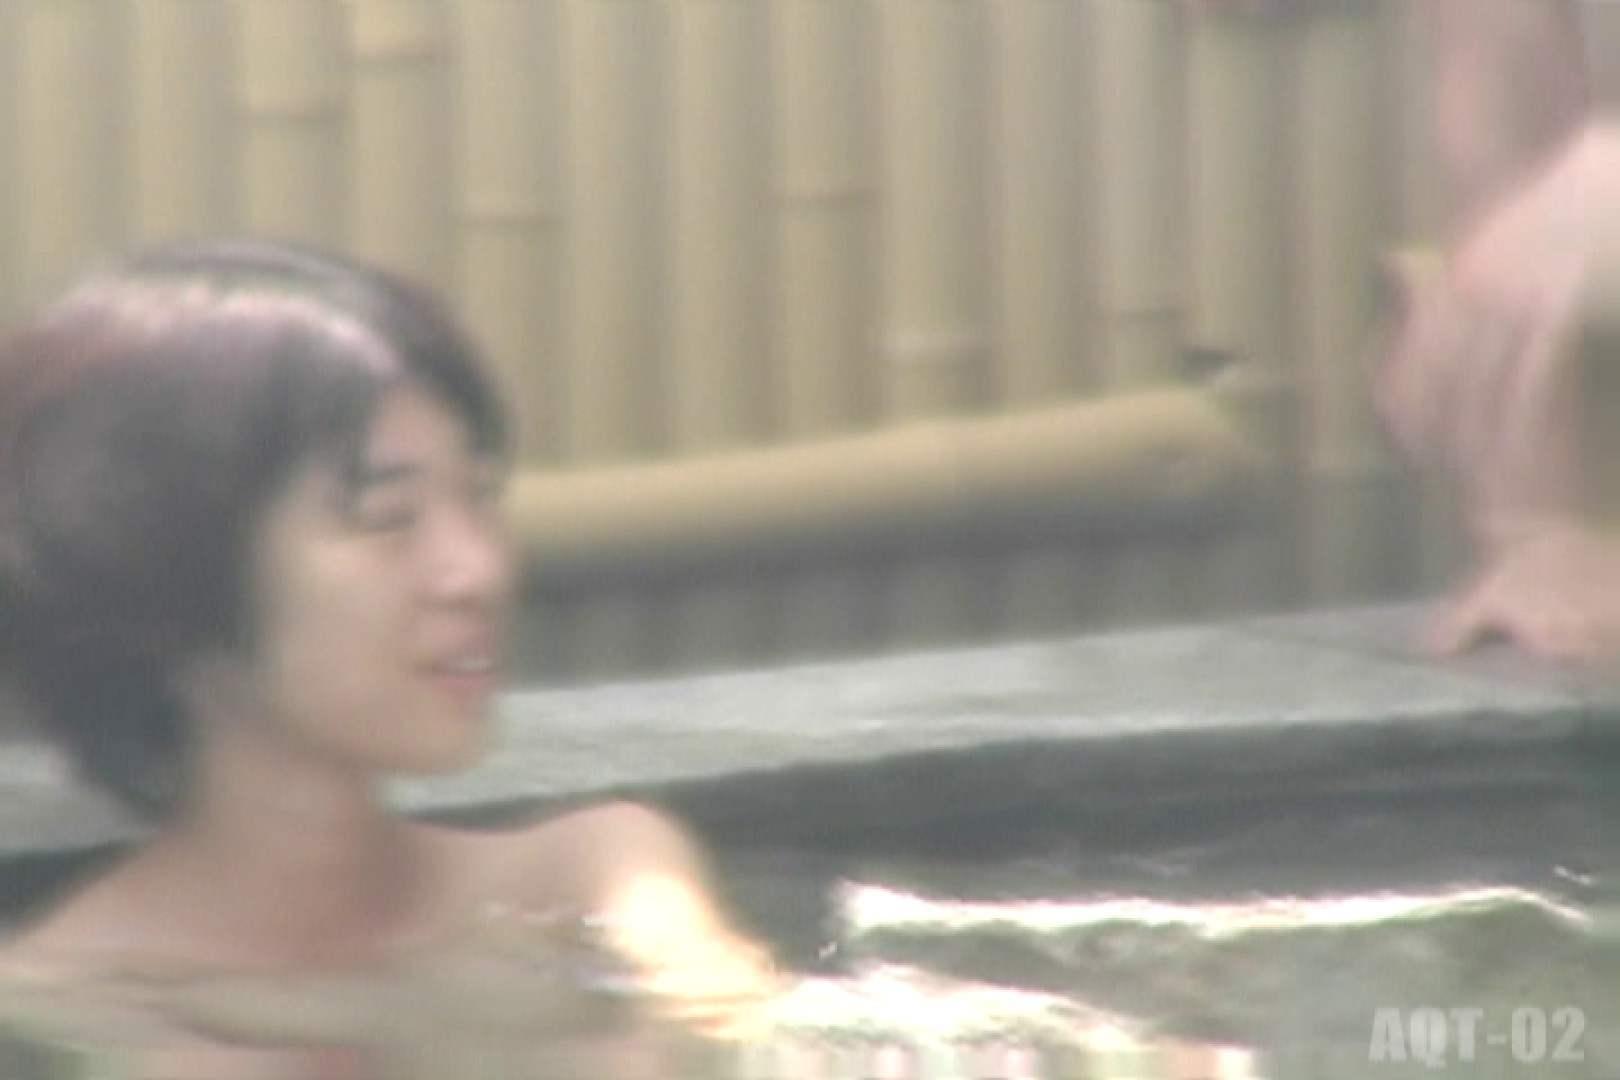 Aquaな露天風呂Vol.726 盗撮師作品 のぞき動画画像 70pic 32